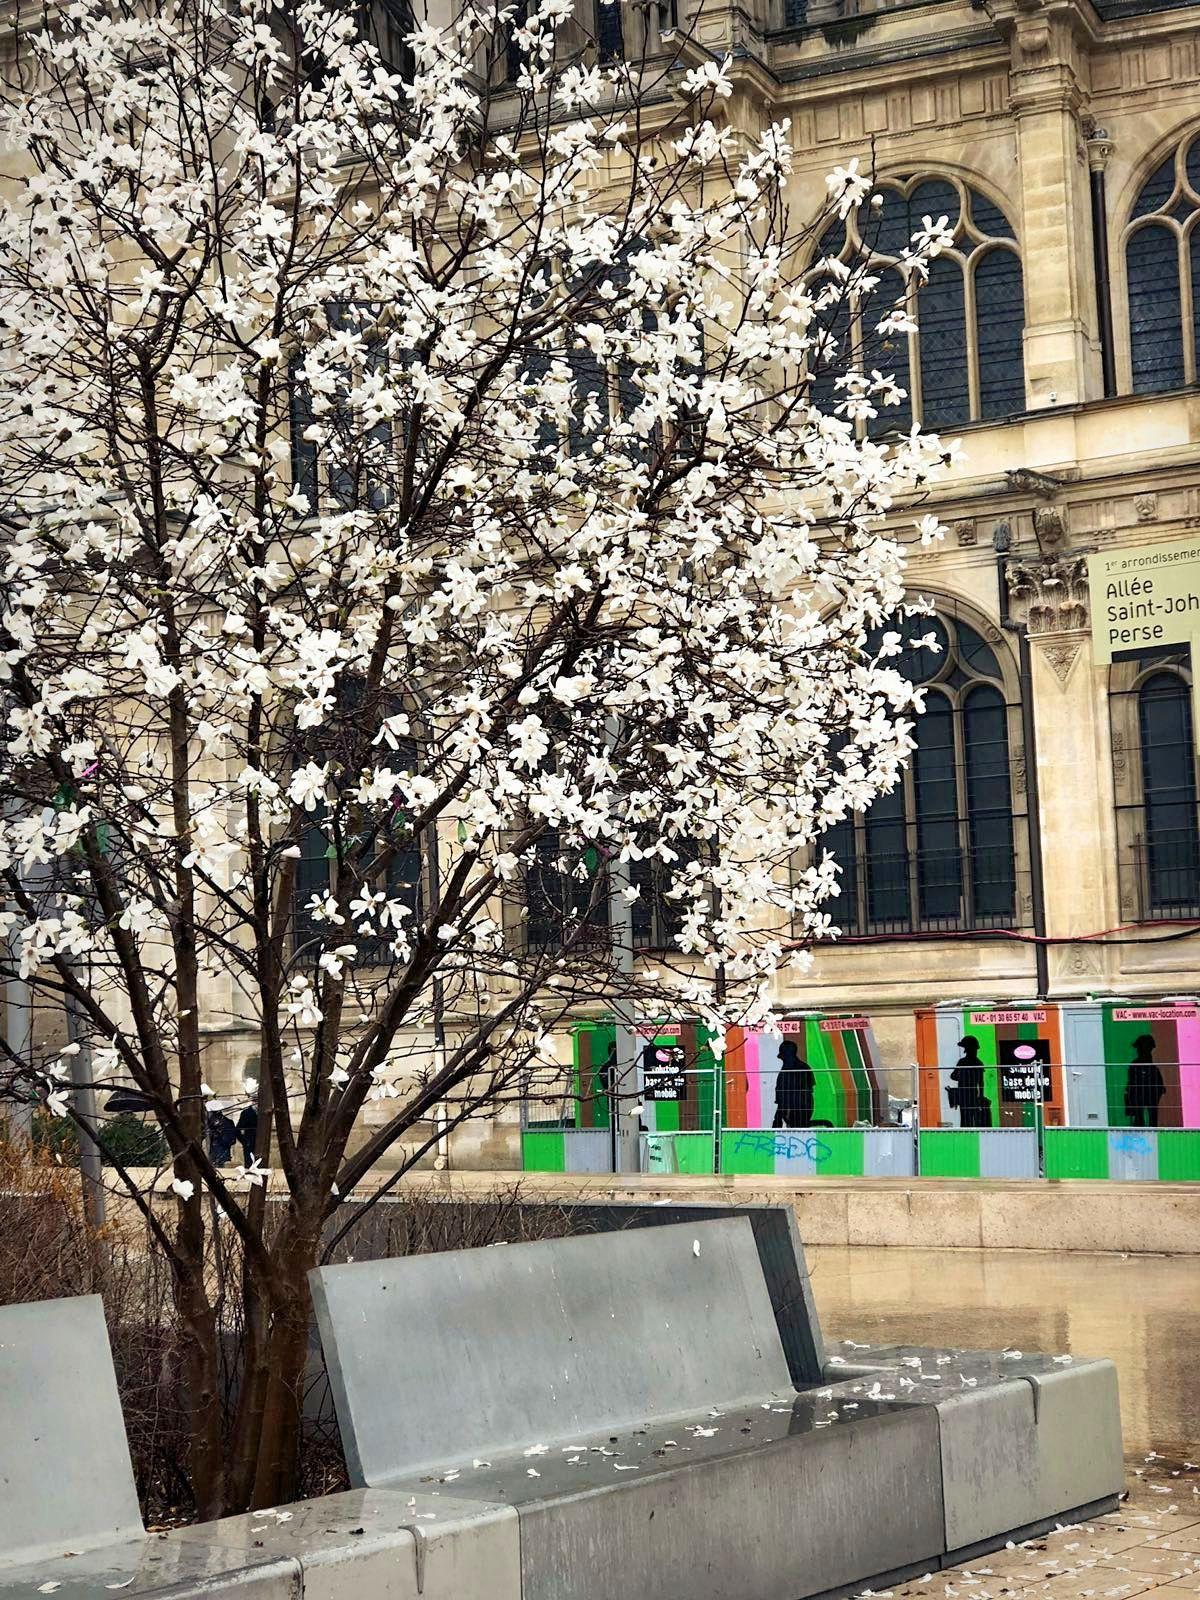 Balade parisienne... (1) Beaubourg, Forum des Halles